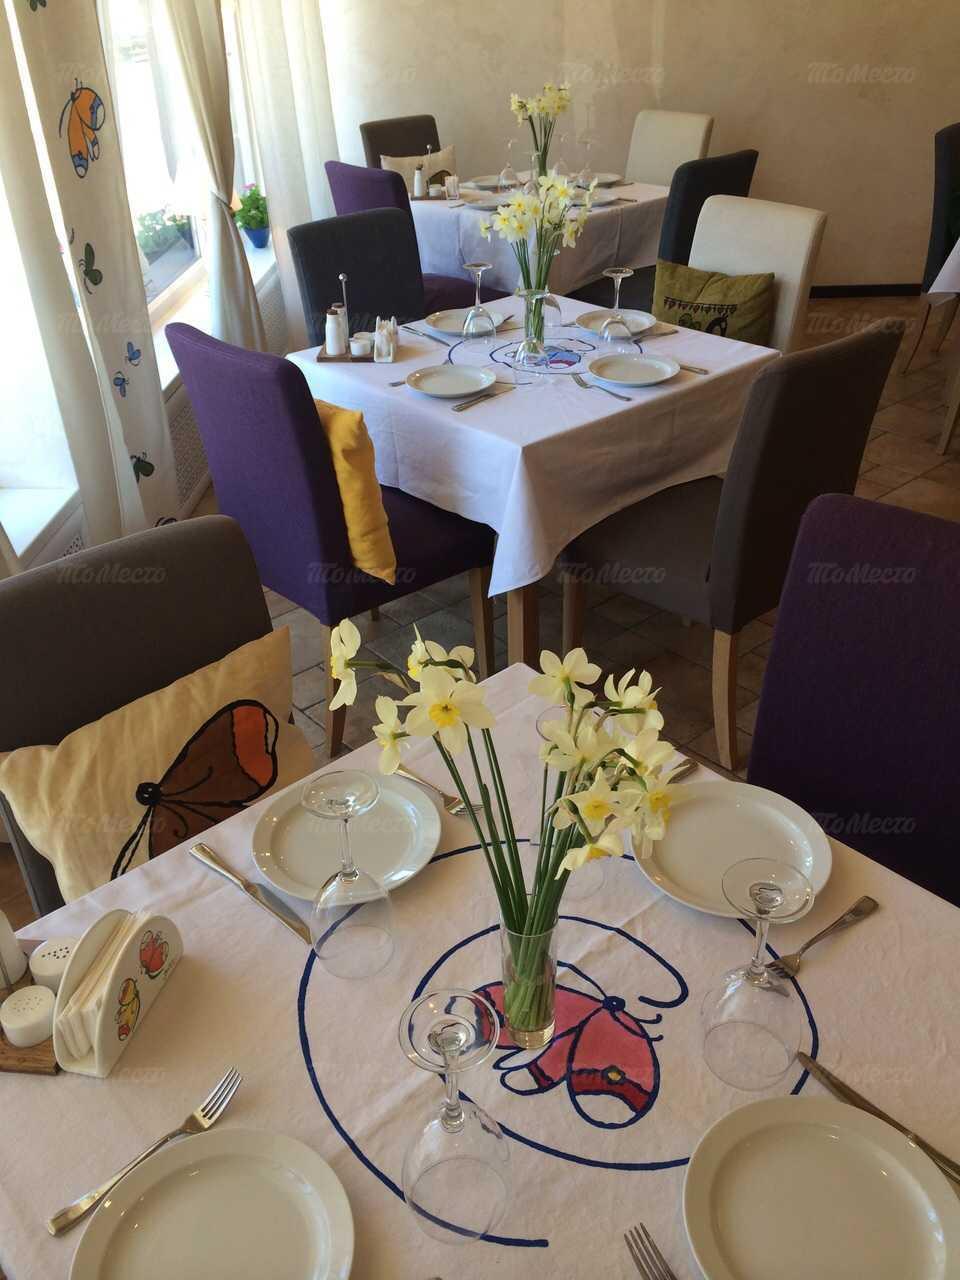 Меню ресторана Farfalla на улице Адмирала Трибуца